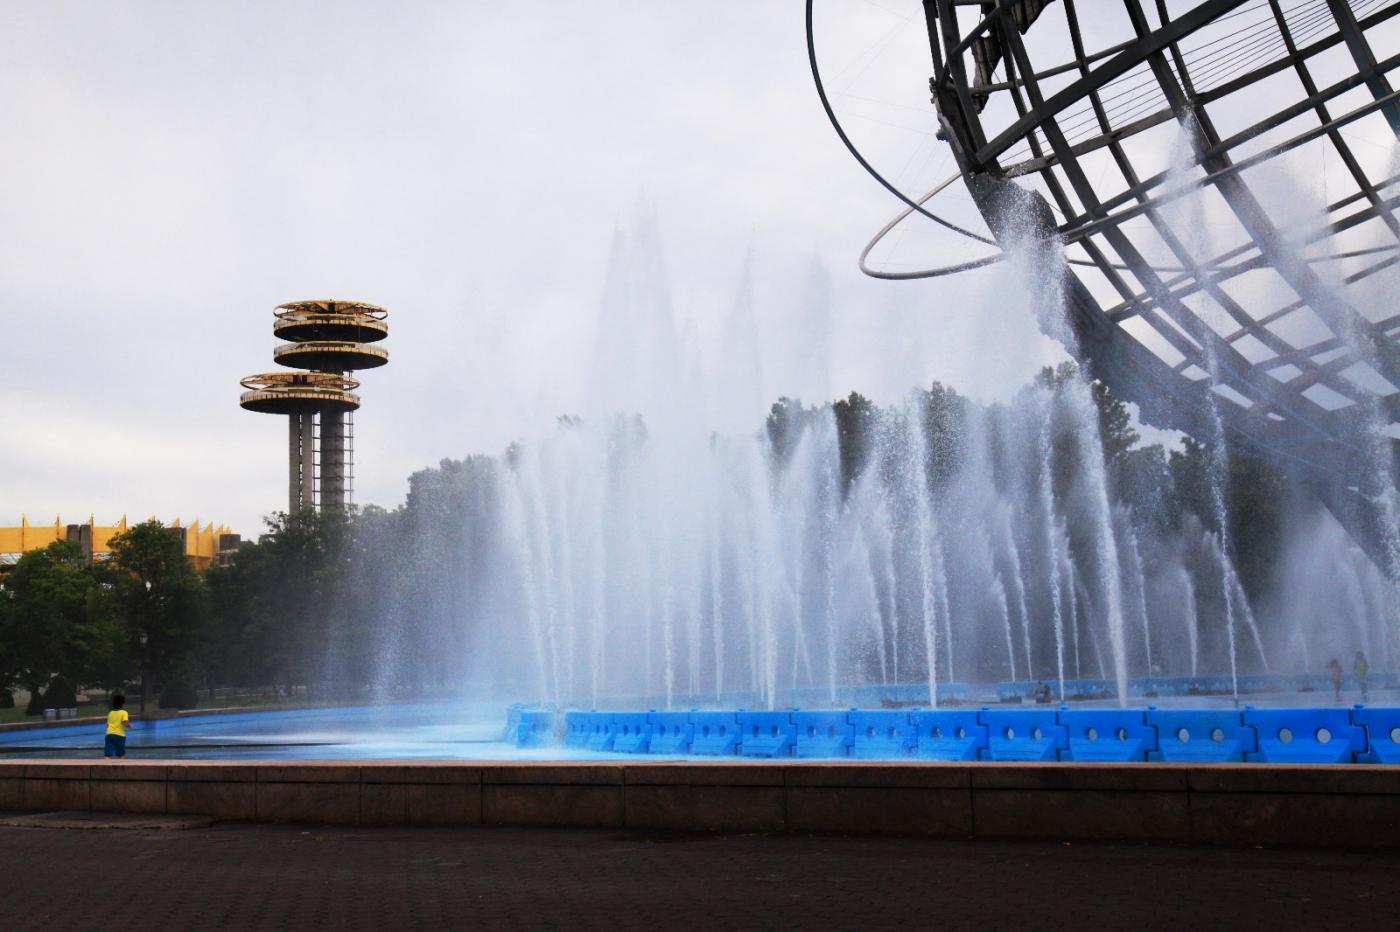 炎夏的可乐娜公园地球仪喷水池,是法拉盛周边居民休闲,娱乐的好地方 ..._图1-3